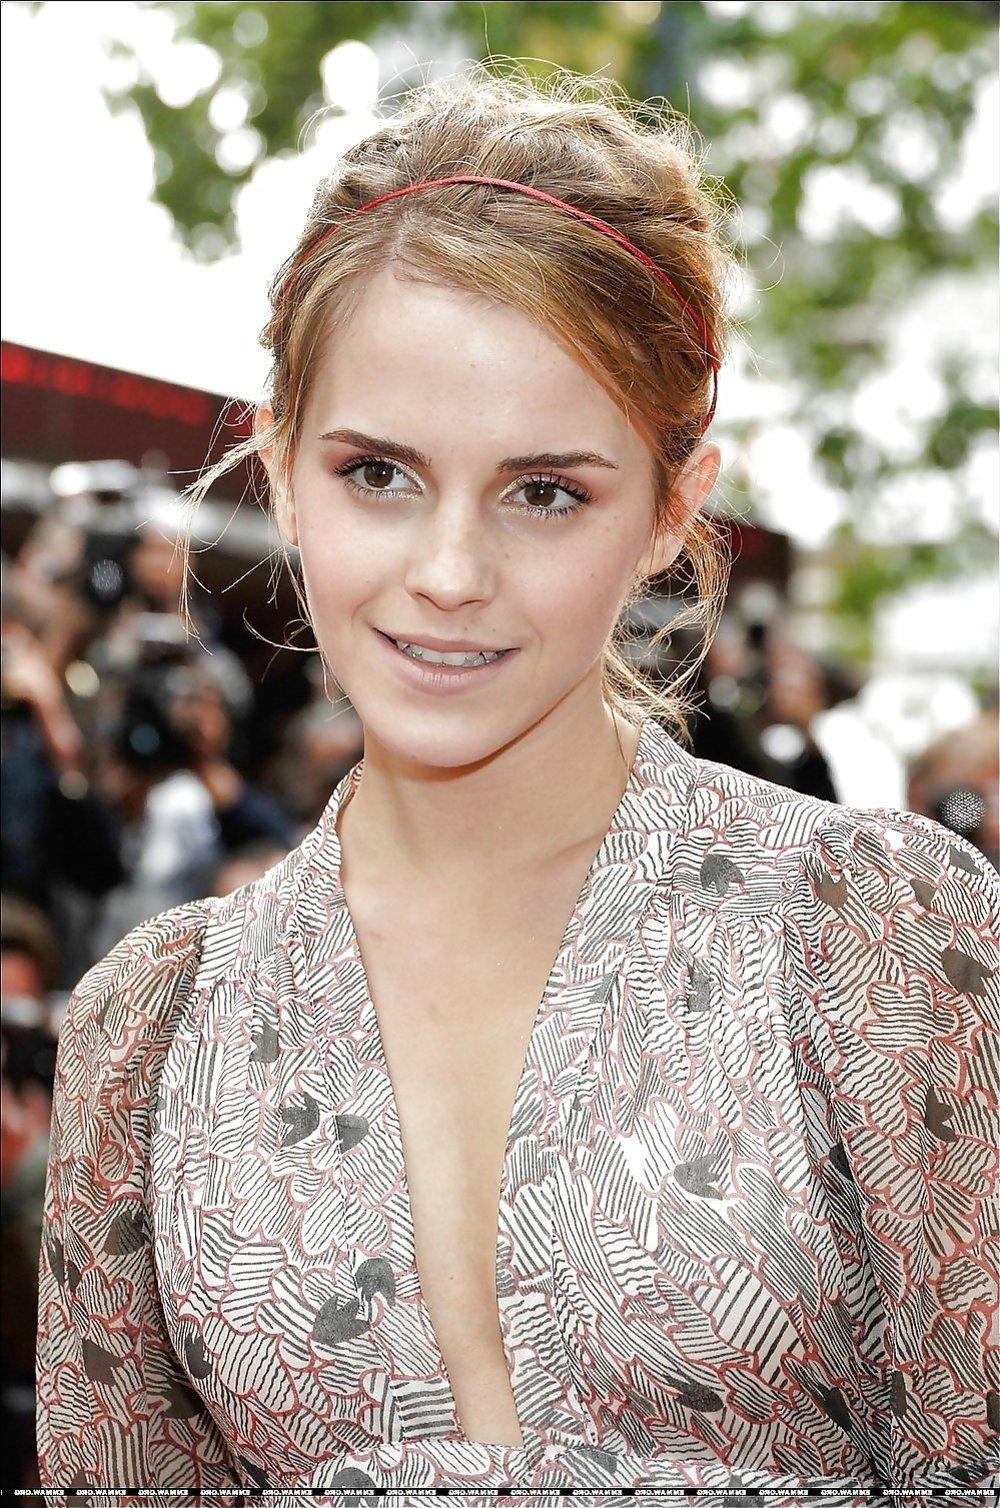 Celeb Jism Targets : Emma Watson / ZB Porn